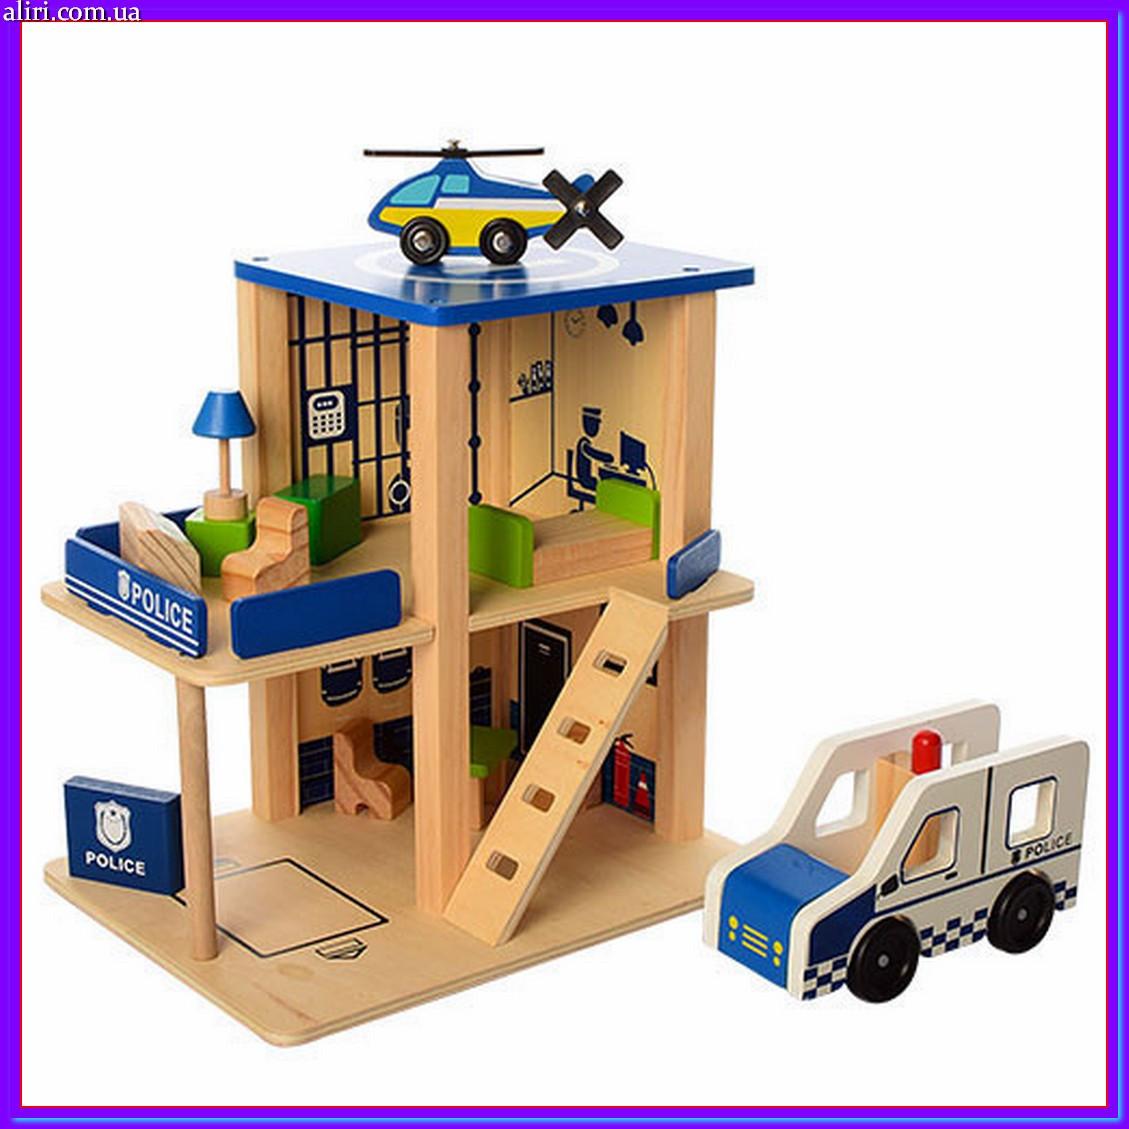 Деревянная игрушка Гараж MD 1059-1 полицейский участок